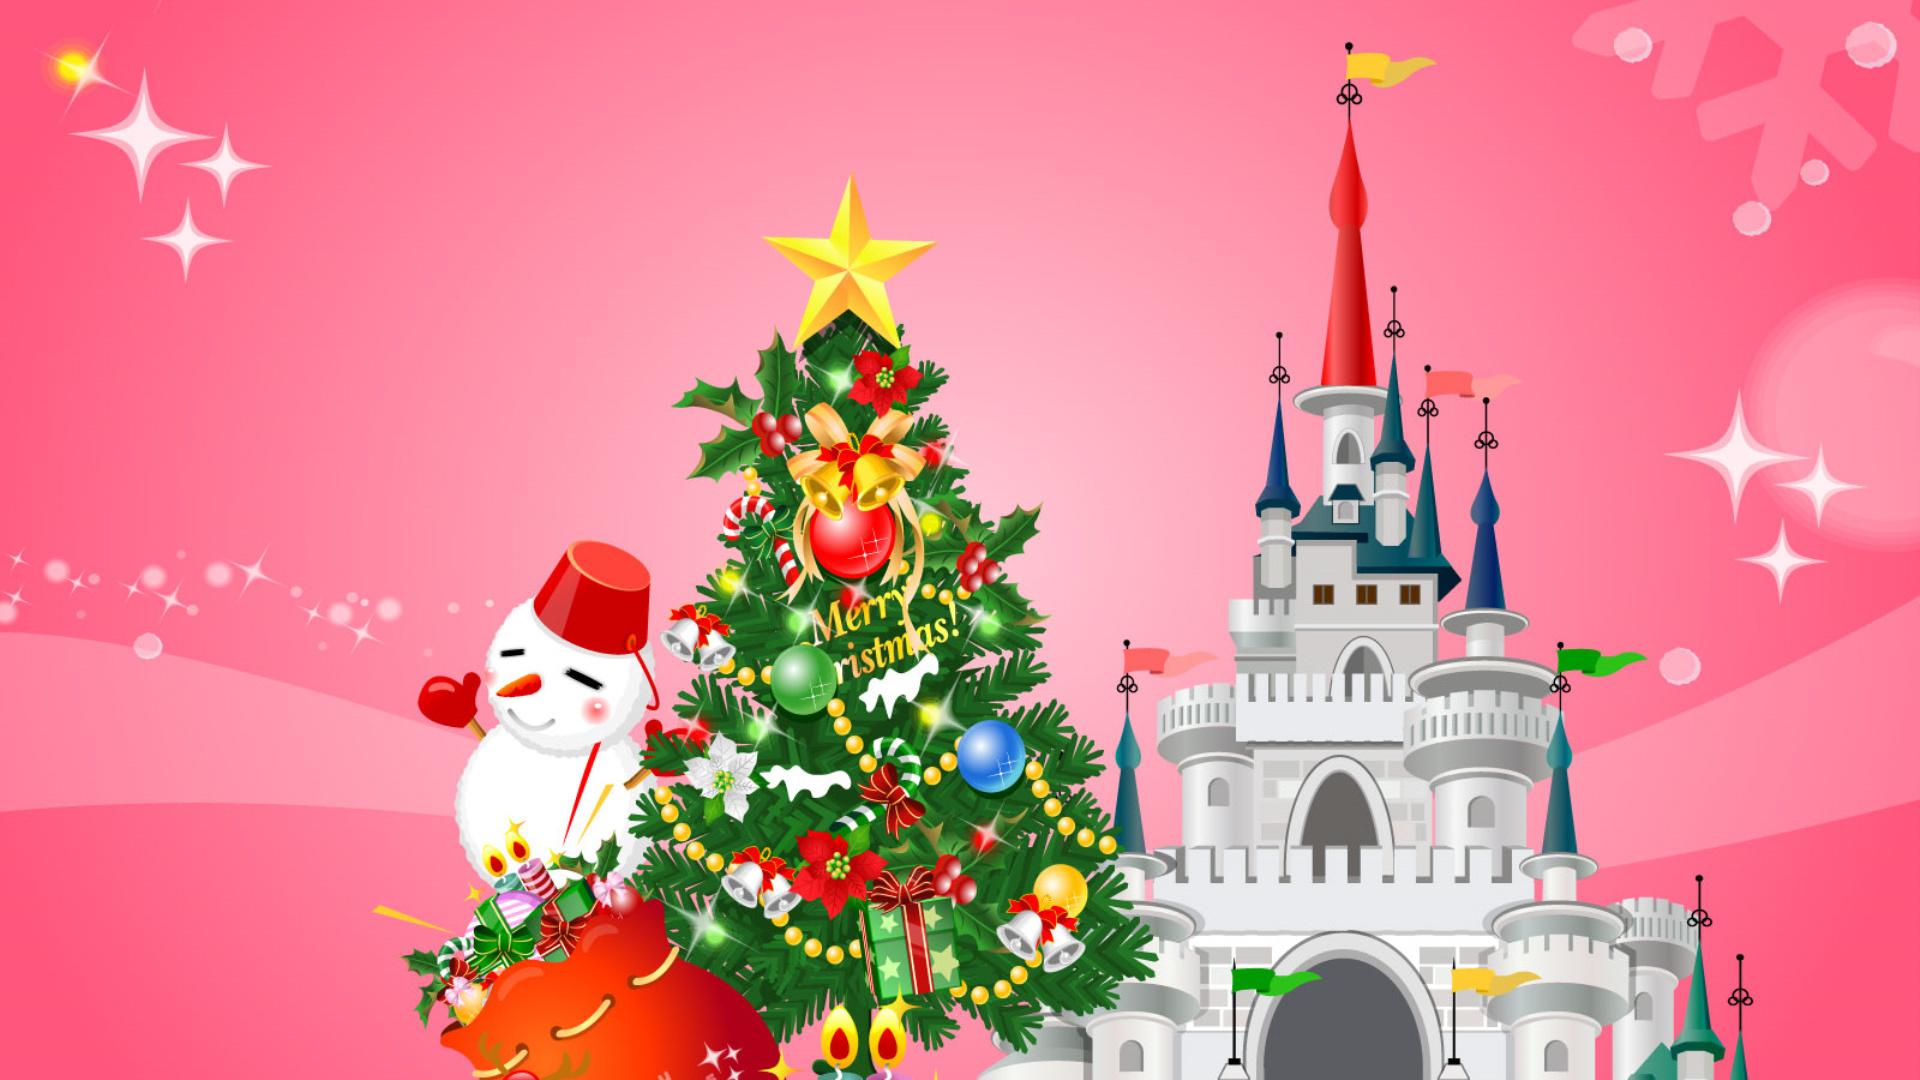 Открытки февраля, открытка с новым годом сказка замок